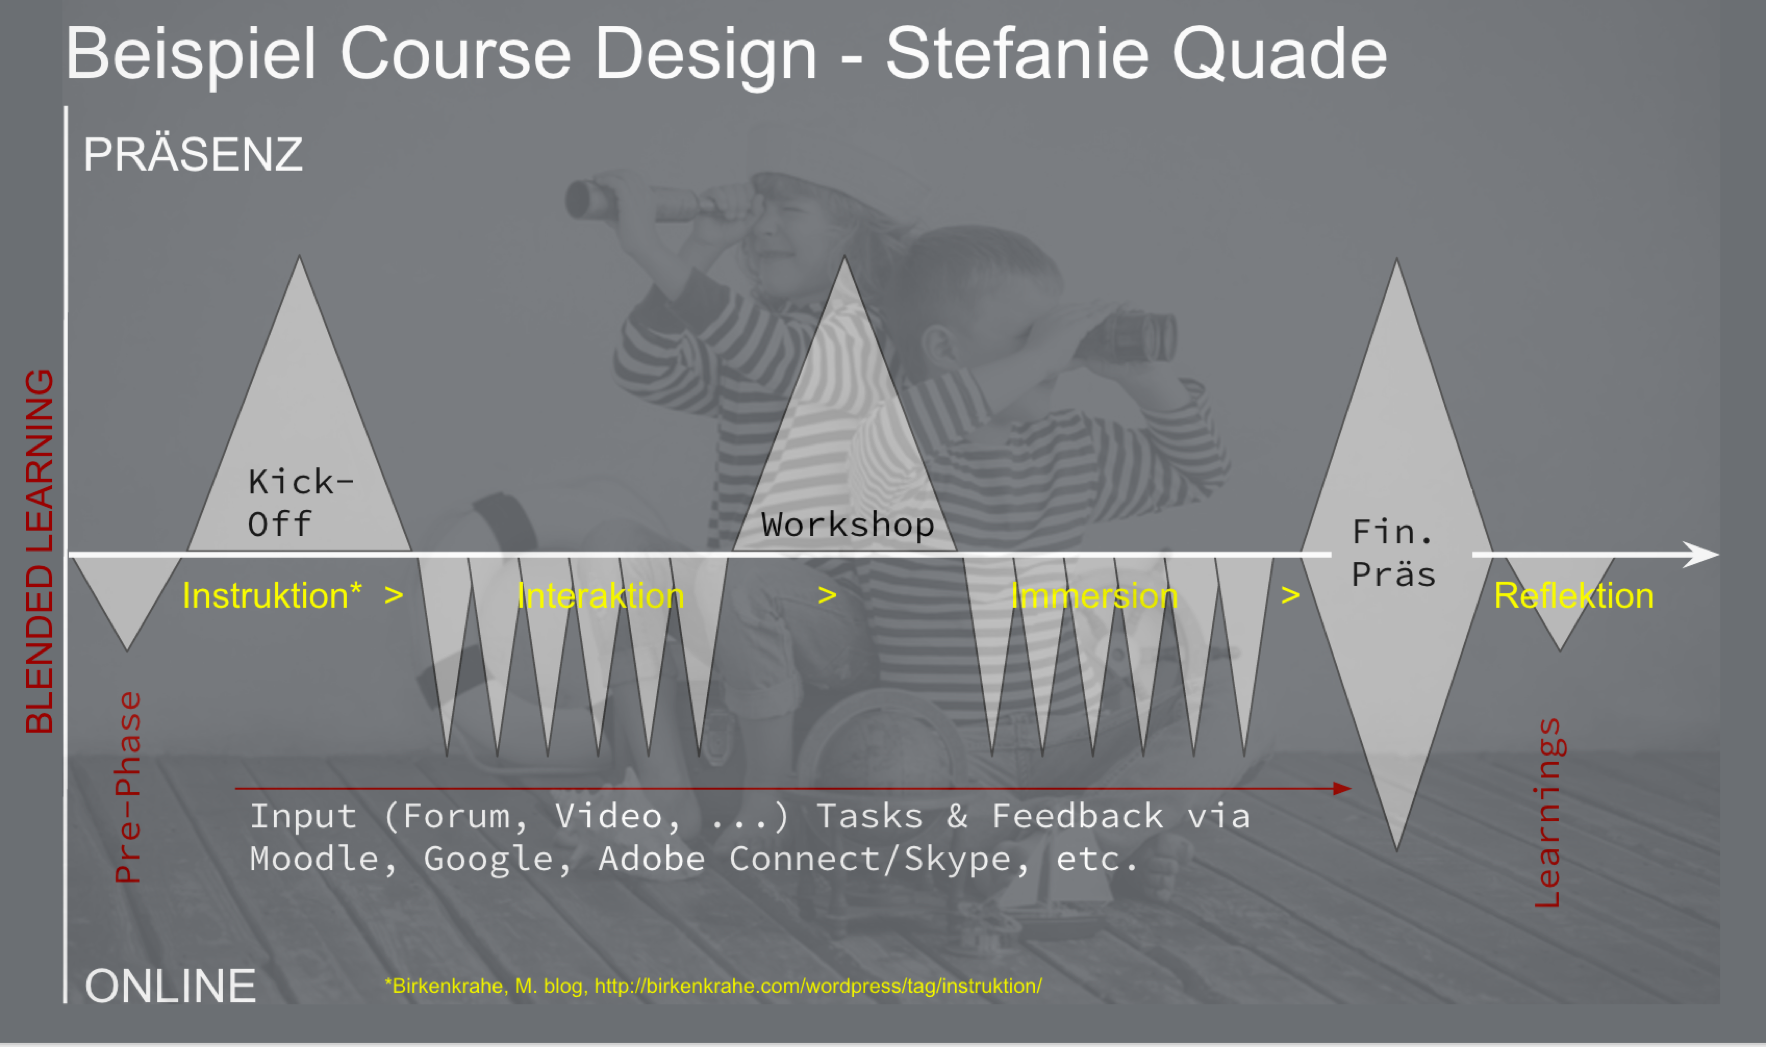 Grafik S.Quade: Beispiel einer didaktischen Verzahnung von Präsenz und Online Einheiten.